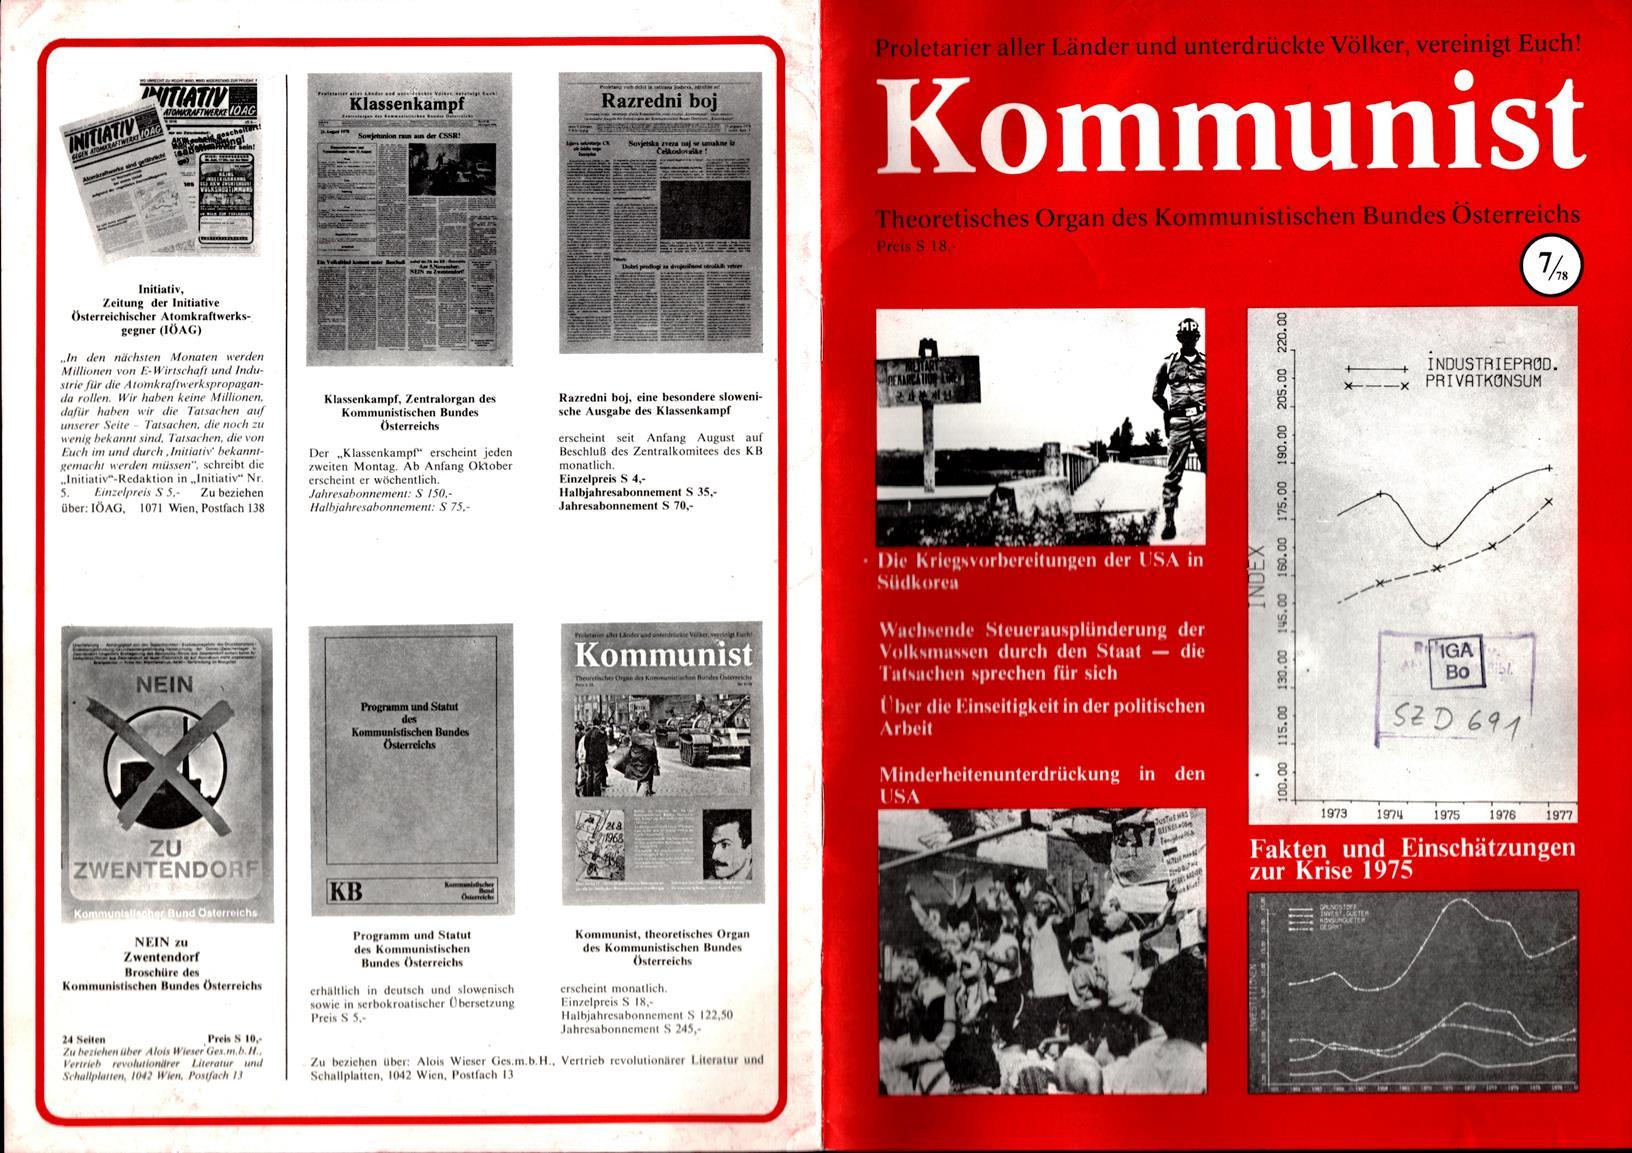 KBOe_TO_Kommunist_19780900_007_001